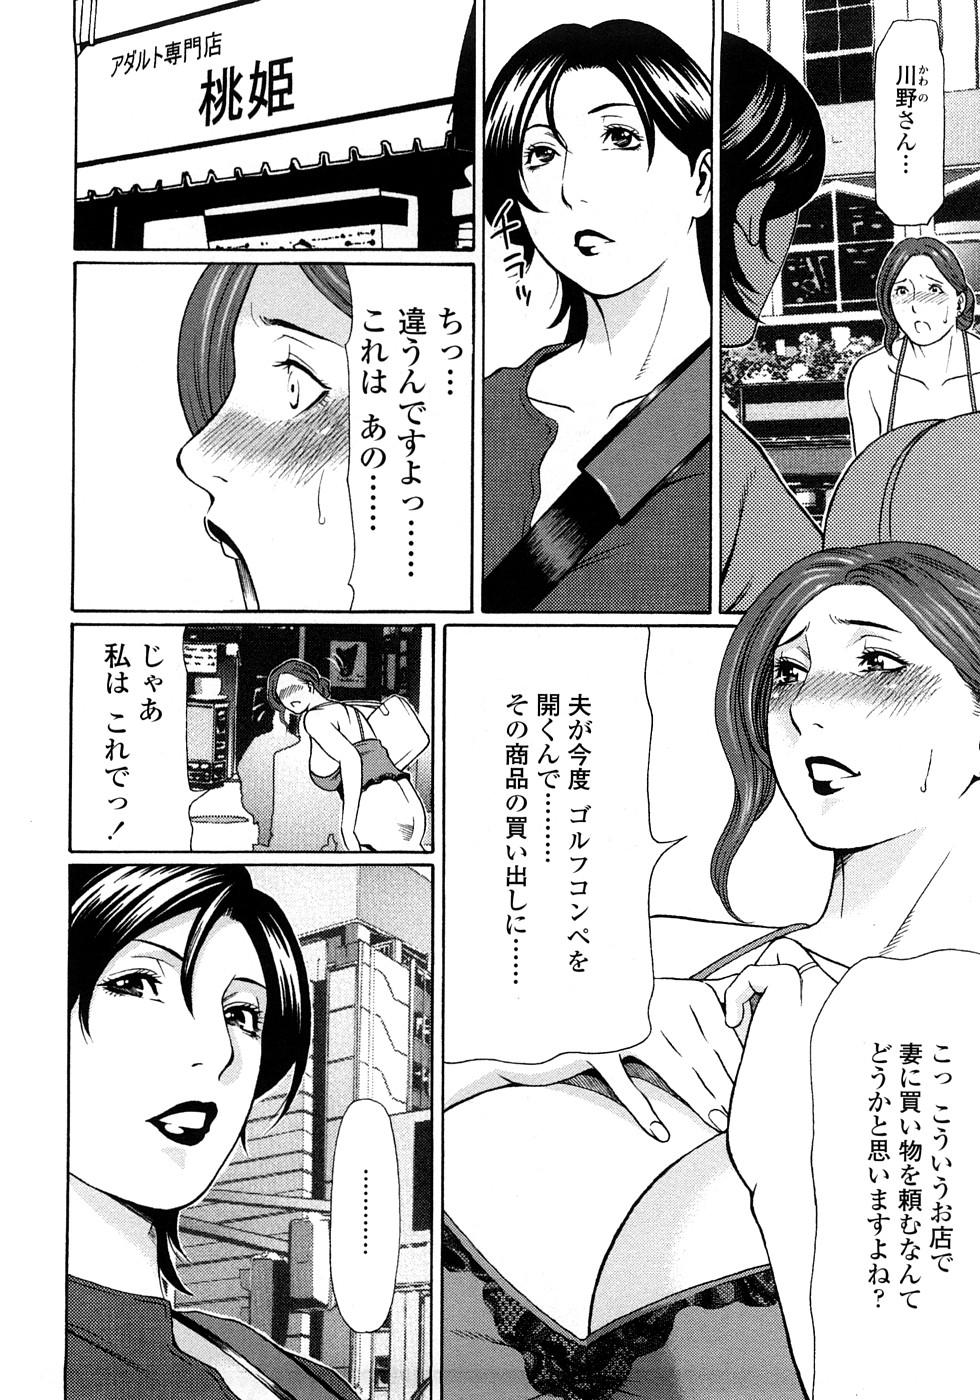 Etsuraku no Tobira - The Door of Sexual Pleasure 142